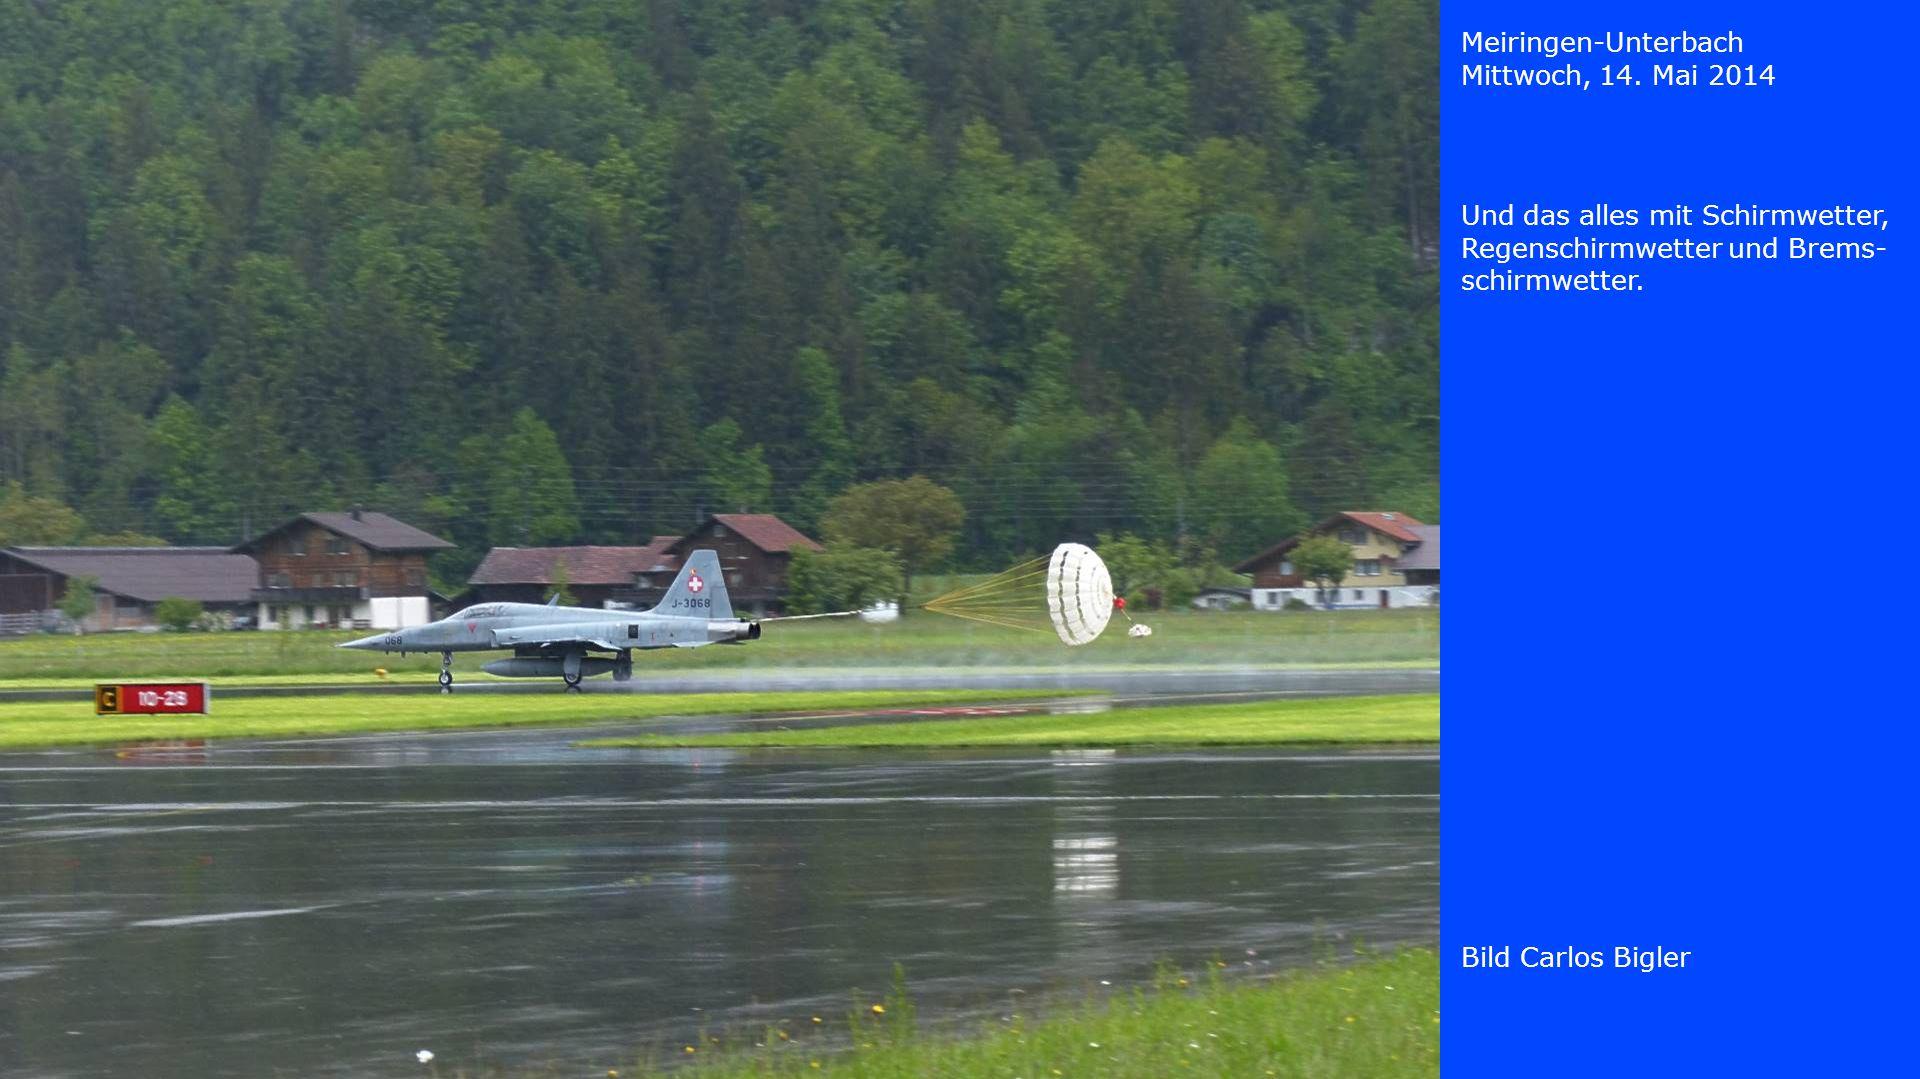 Meiringen-Unterbach Mittwoch, 14. Mai 2014. Und das alles mit Schirmwetter, Regenschirmwetter und Brems-schirmwetter.